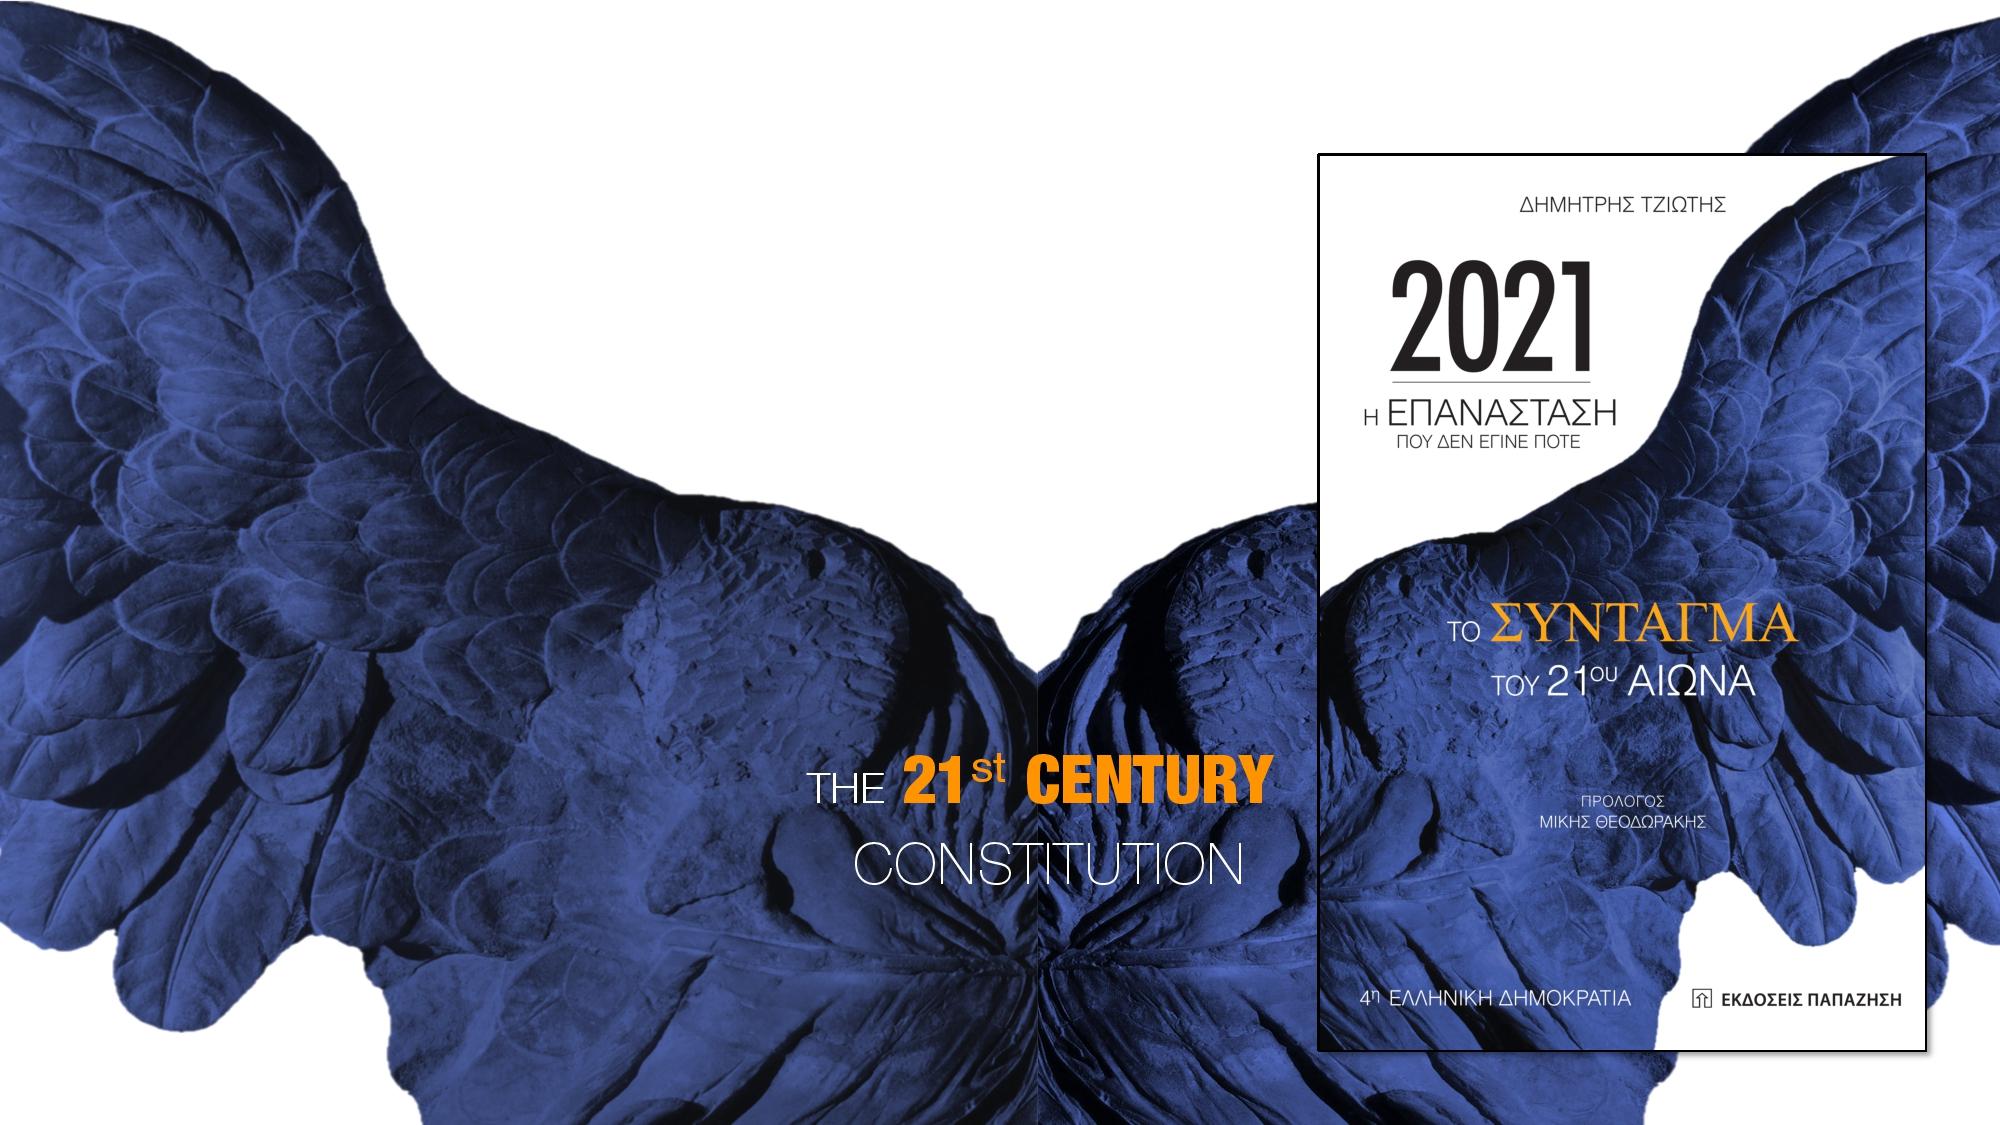 The 21st Century Constitution